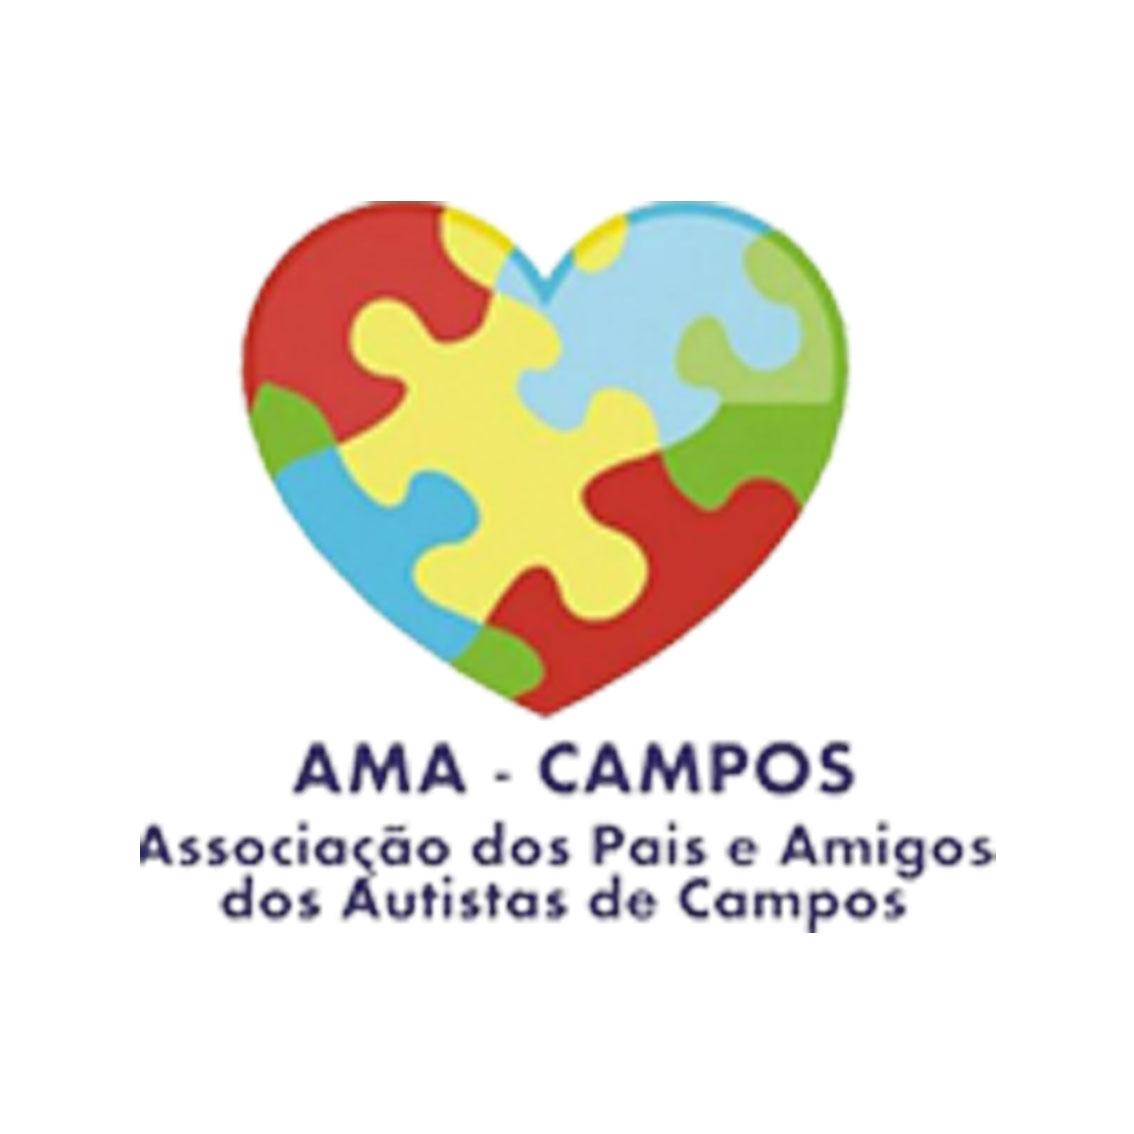 AMA - CAMPOS